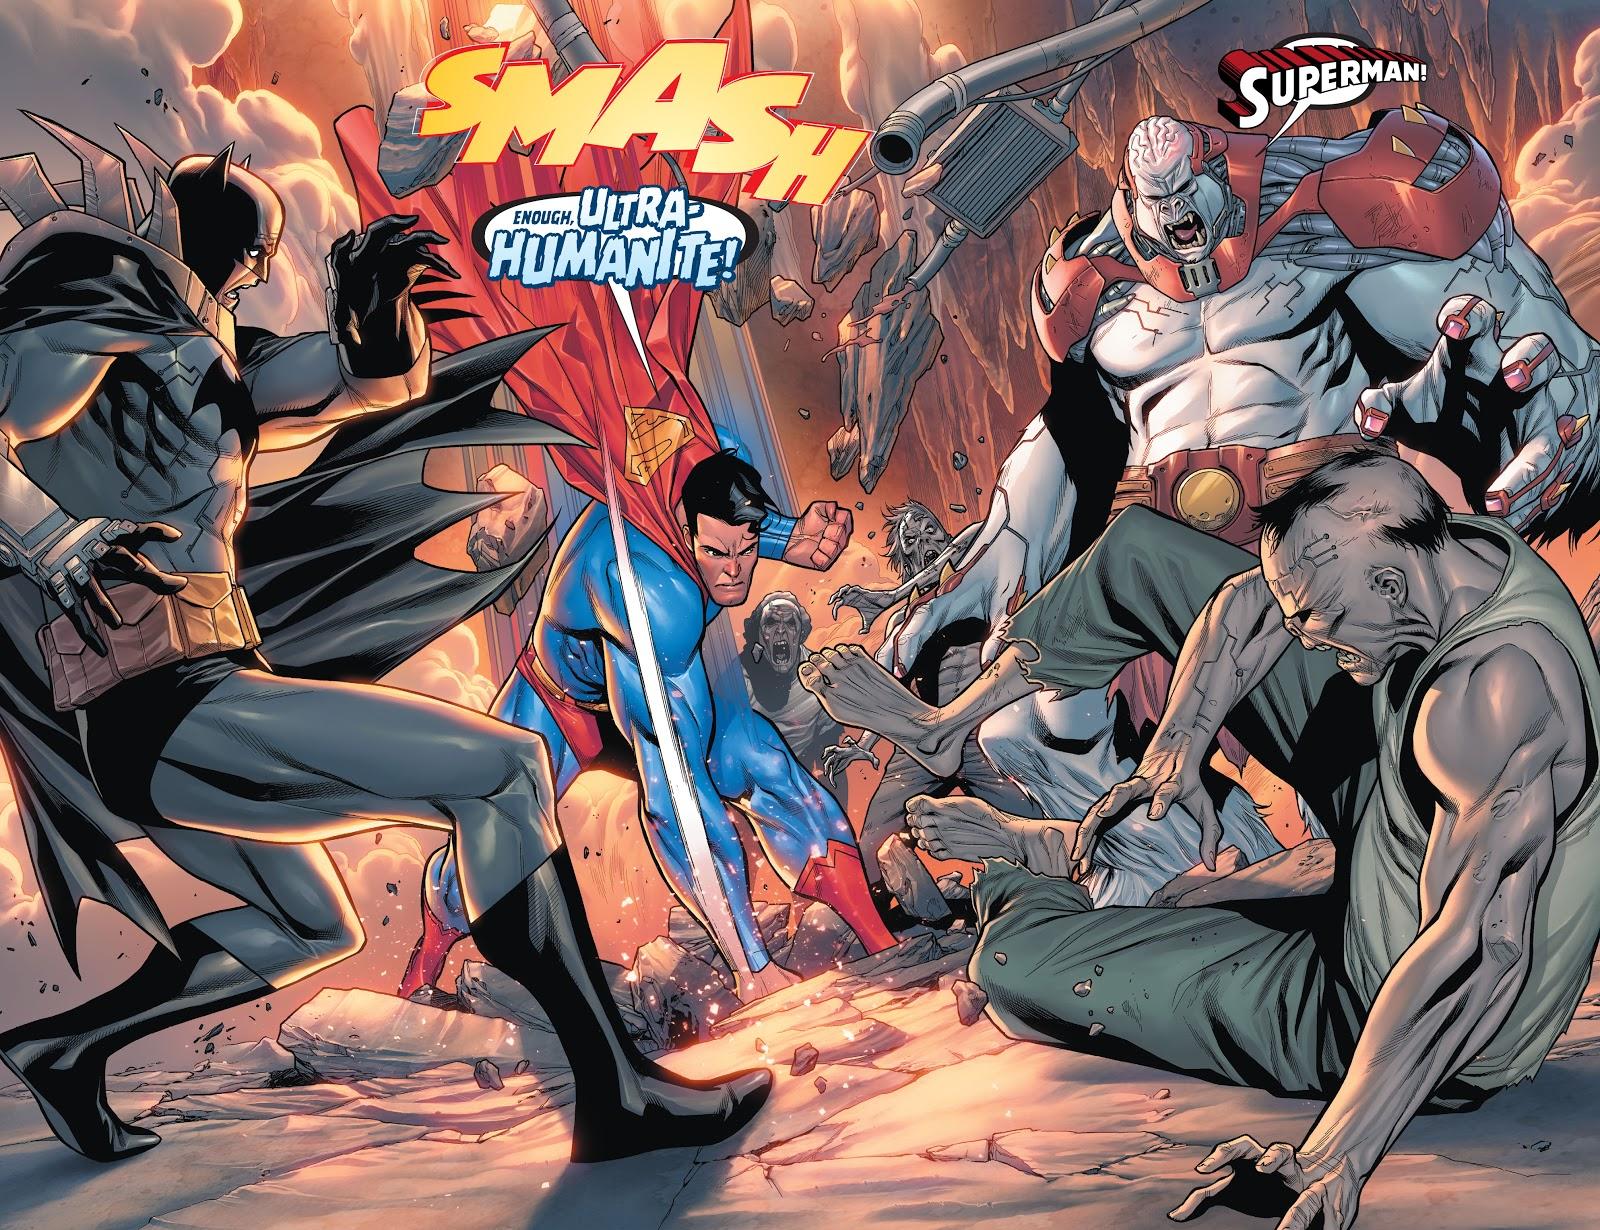 Superman (Batman/Superman Vol. 2 #11)